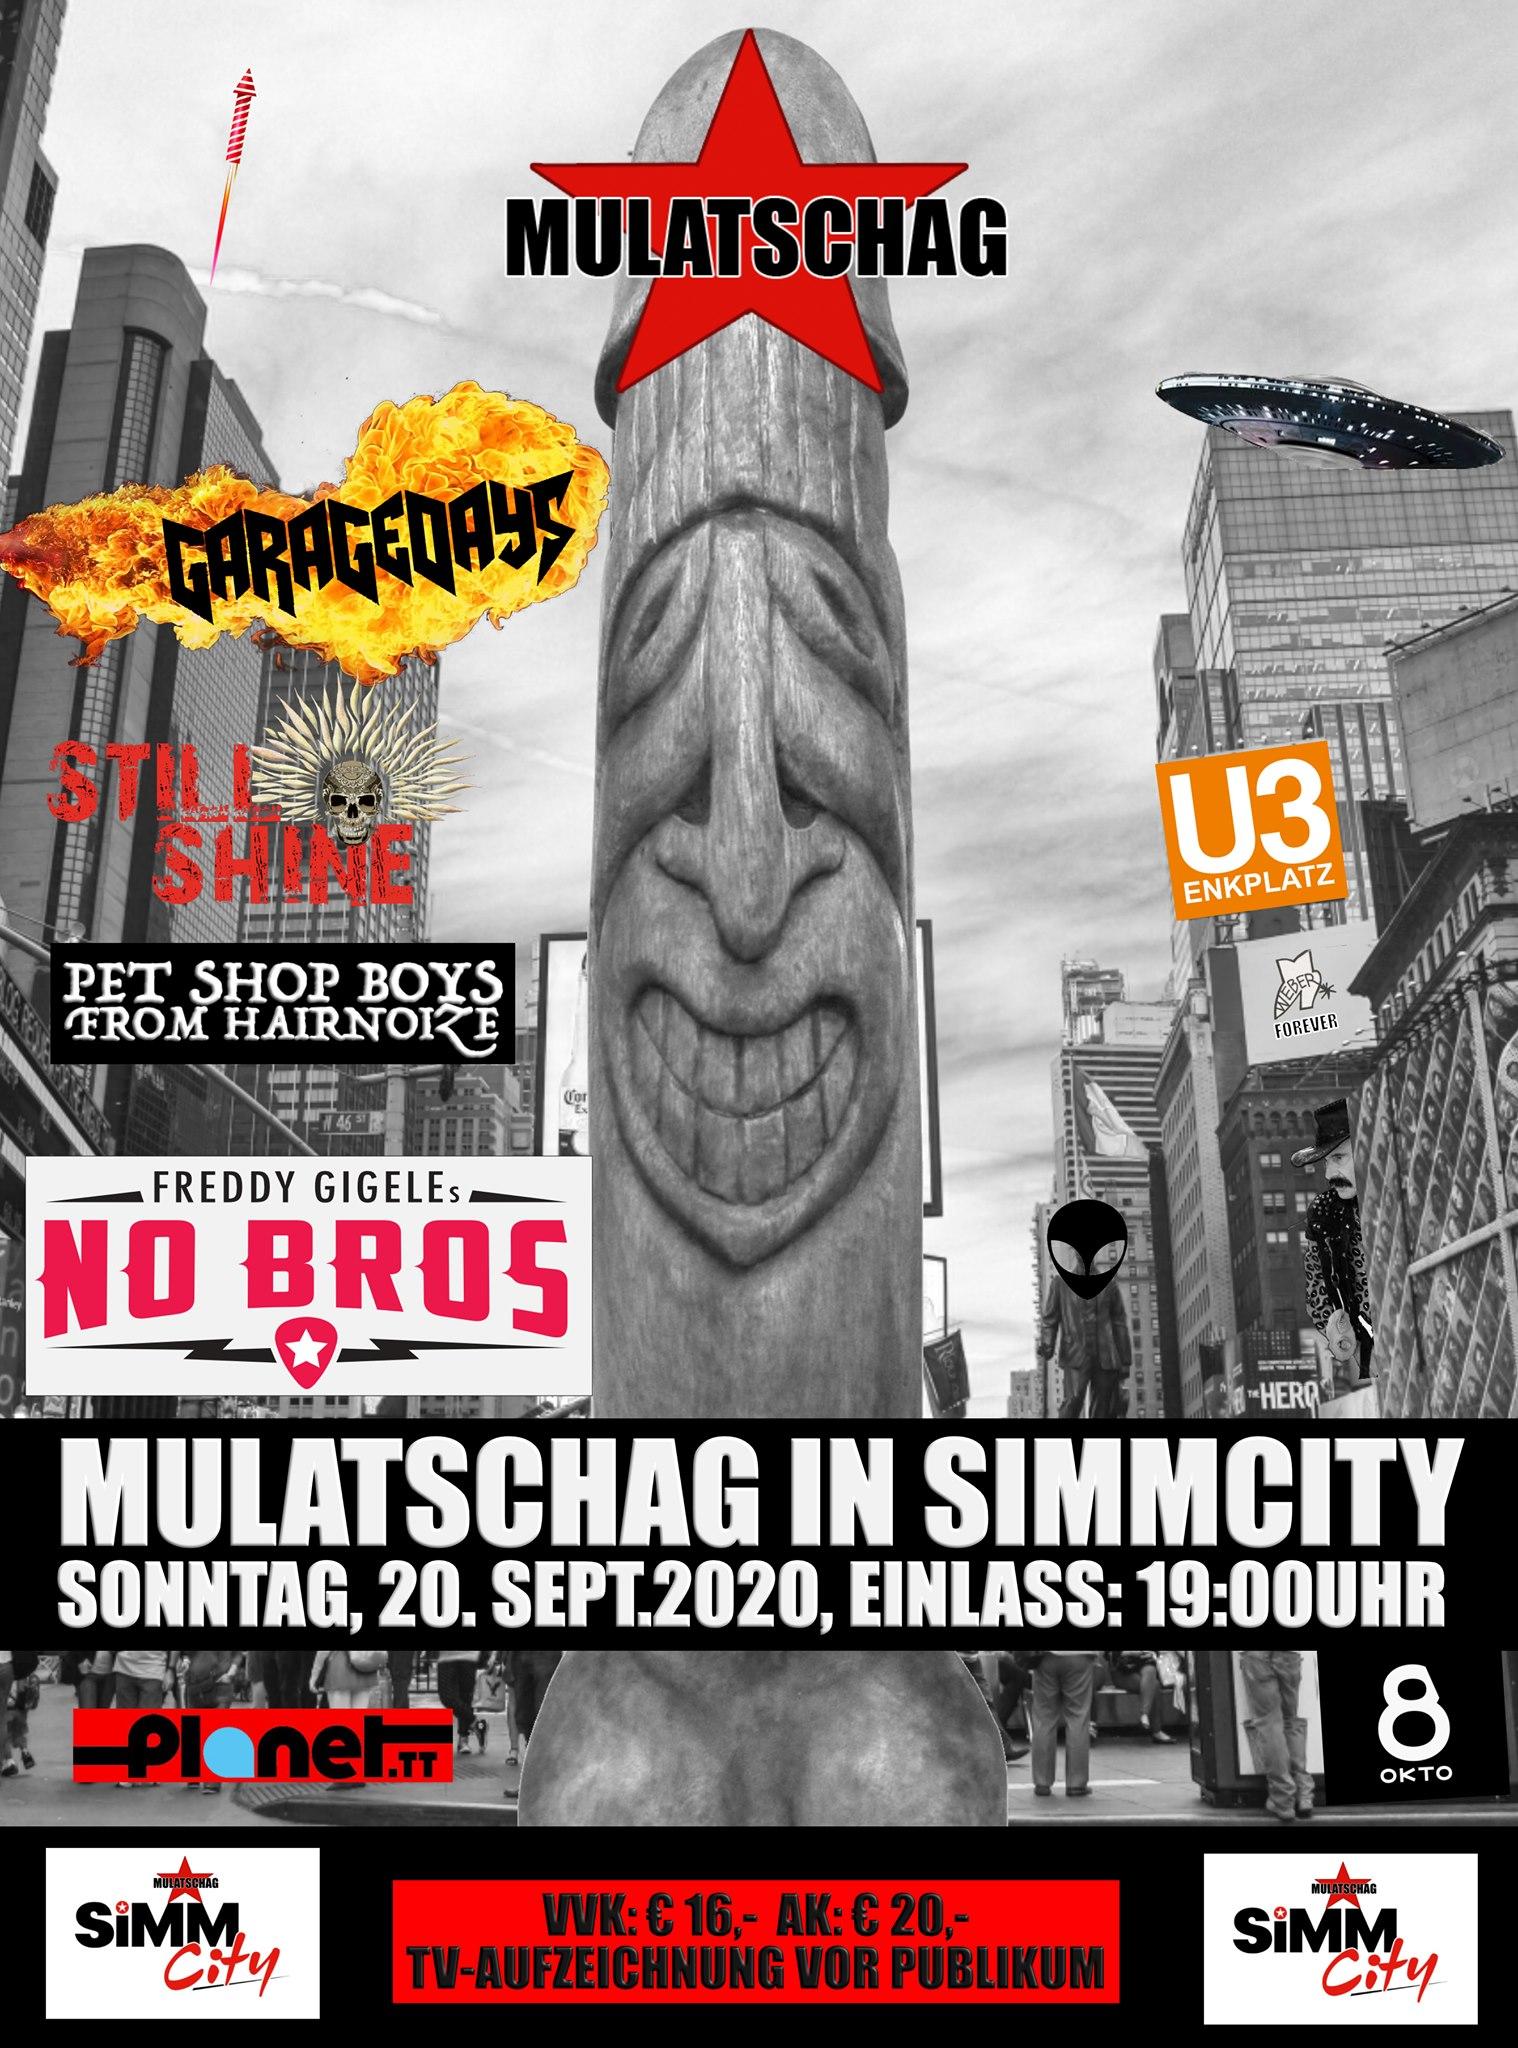 Mulatschag in Simm City #1 am 20. September 2020 @ Simm City.